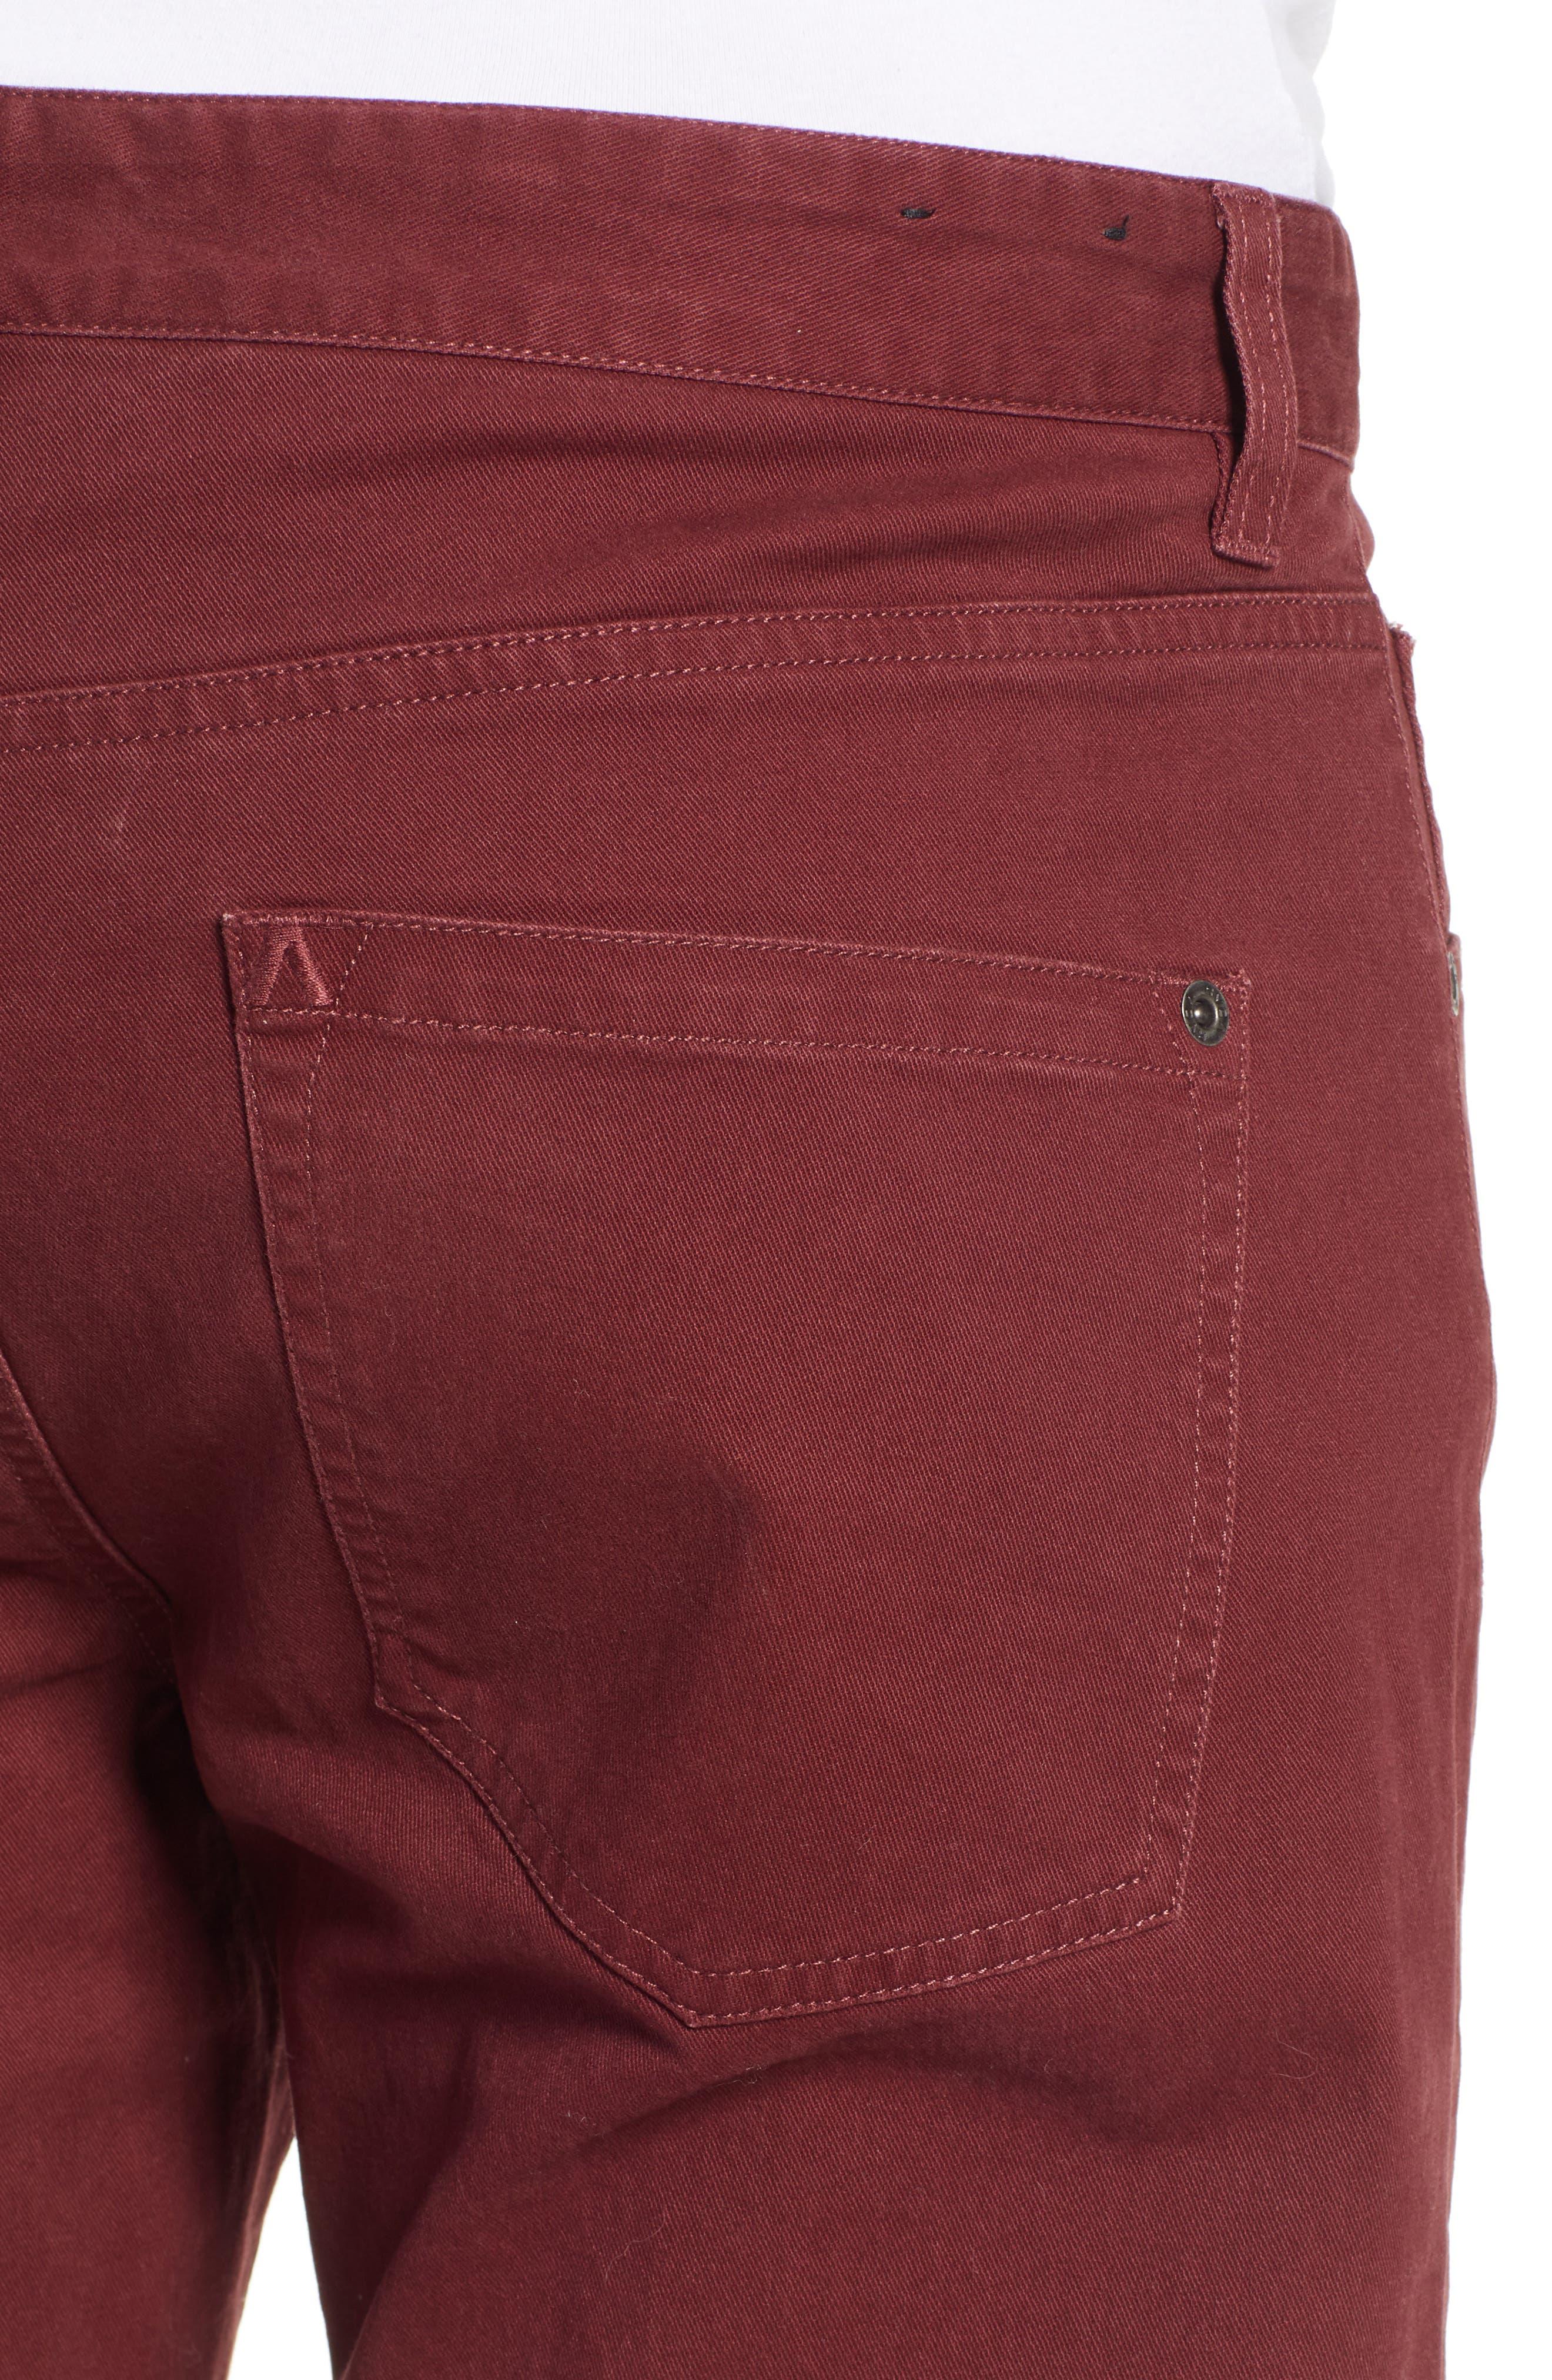 'Daggers' Slim Fit Twill Pants,                             Alternate thumbnail 4, color,                             BORDEAUX